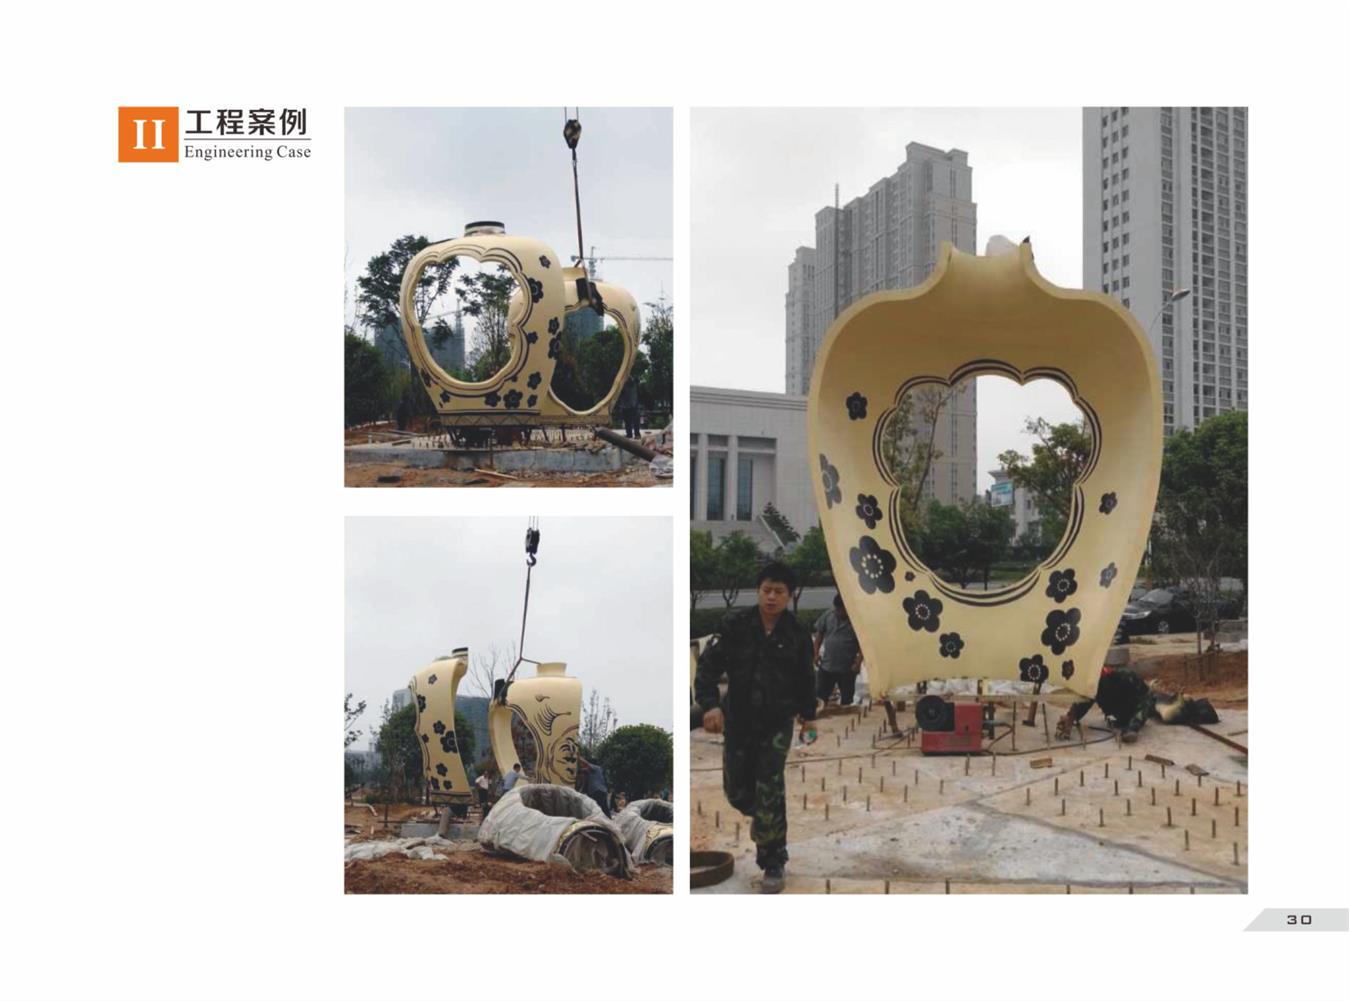 广州芒果雕塑承接海口玻璃钢雕塑定做定制 可根据客户要求定制